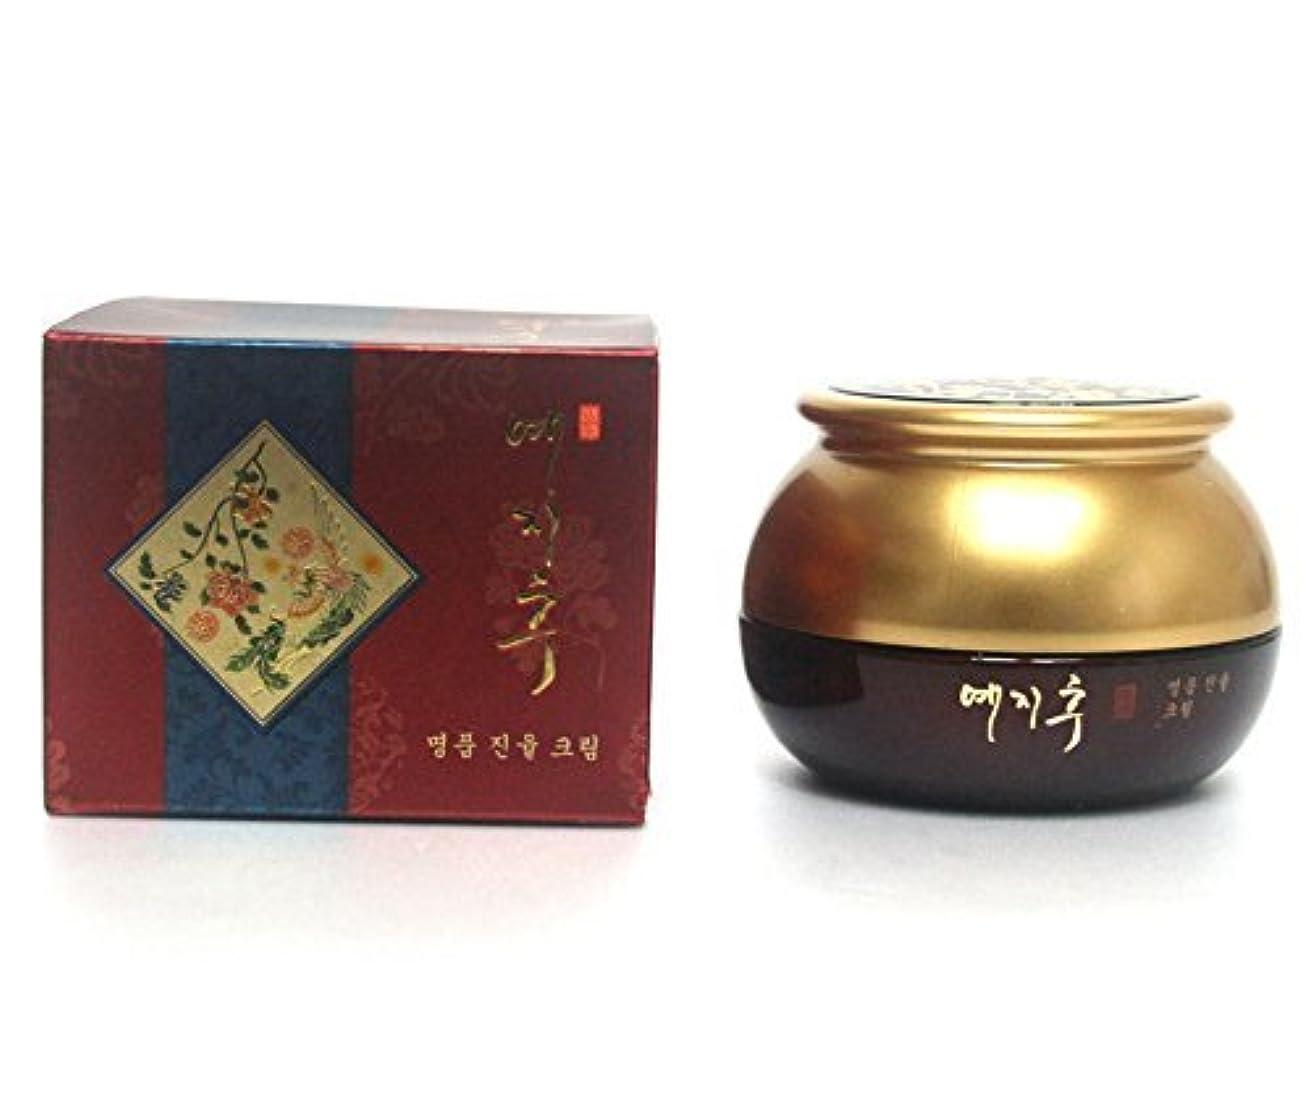 不適分岐するパイプライン[YEZIHU] 紅参クリーム50g / ナチュラルオリエンタルハーブ / 韓国化粧品 / RED Ginseng Cream 50g / Natural Oriental Herbs / Korean Cosmetics...